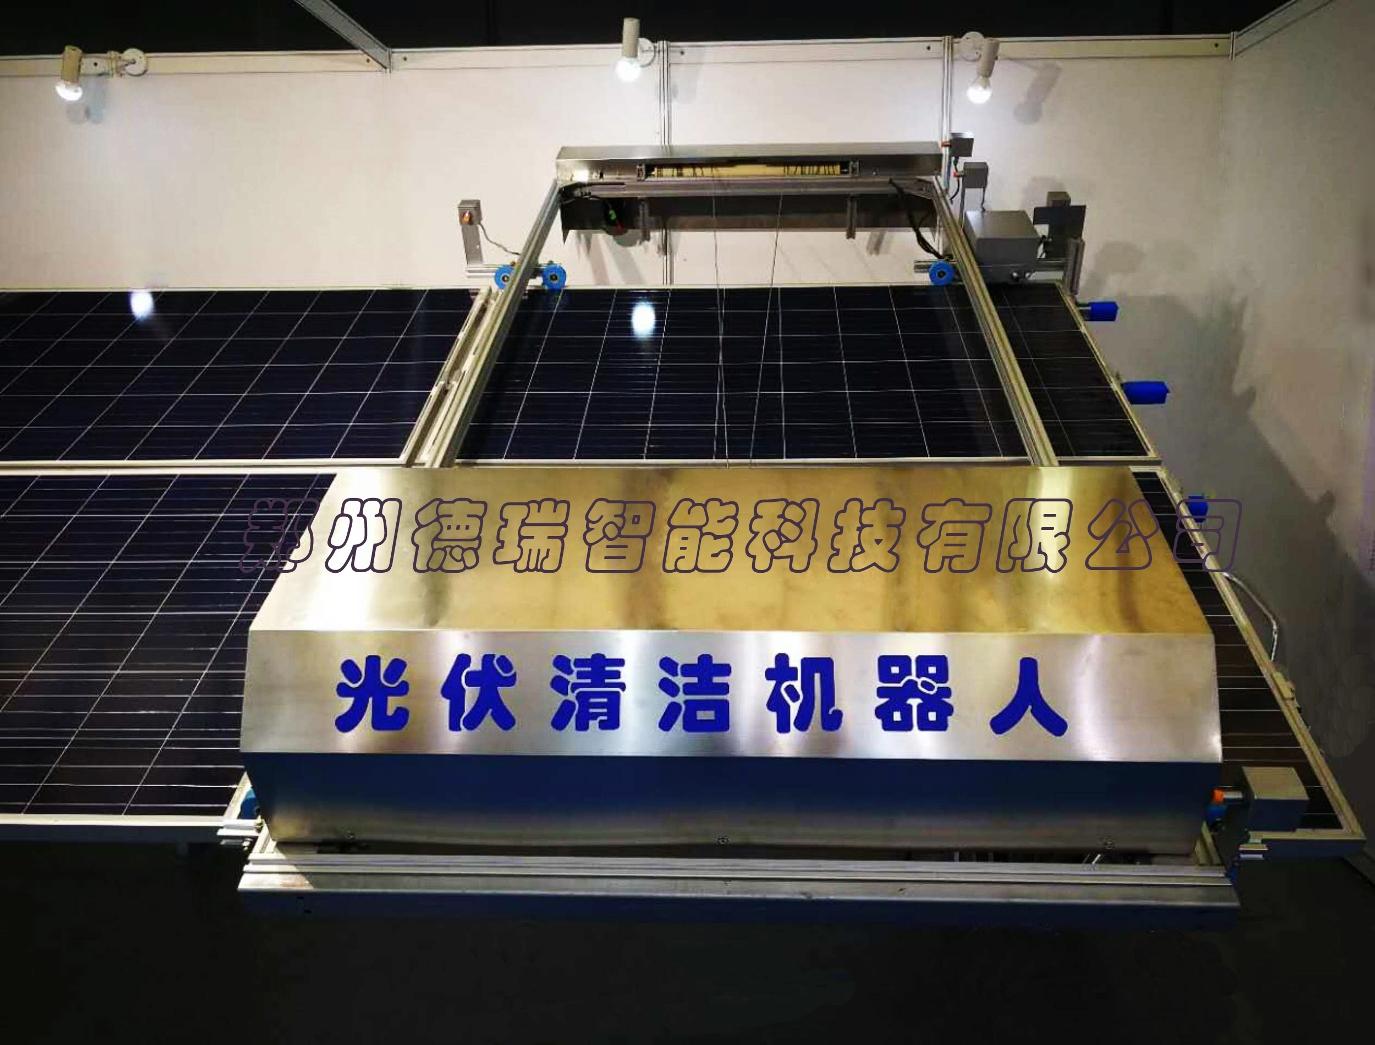 title='德瑞光伏清洁机器人-QDX系列三轴柔性清洁机器人'